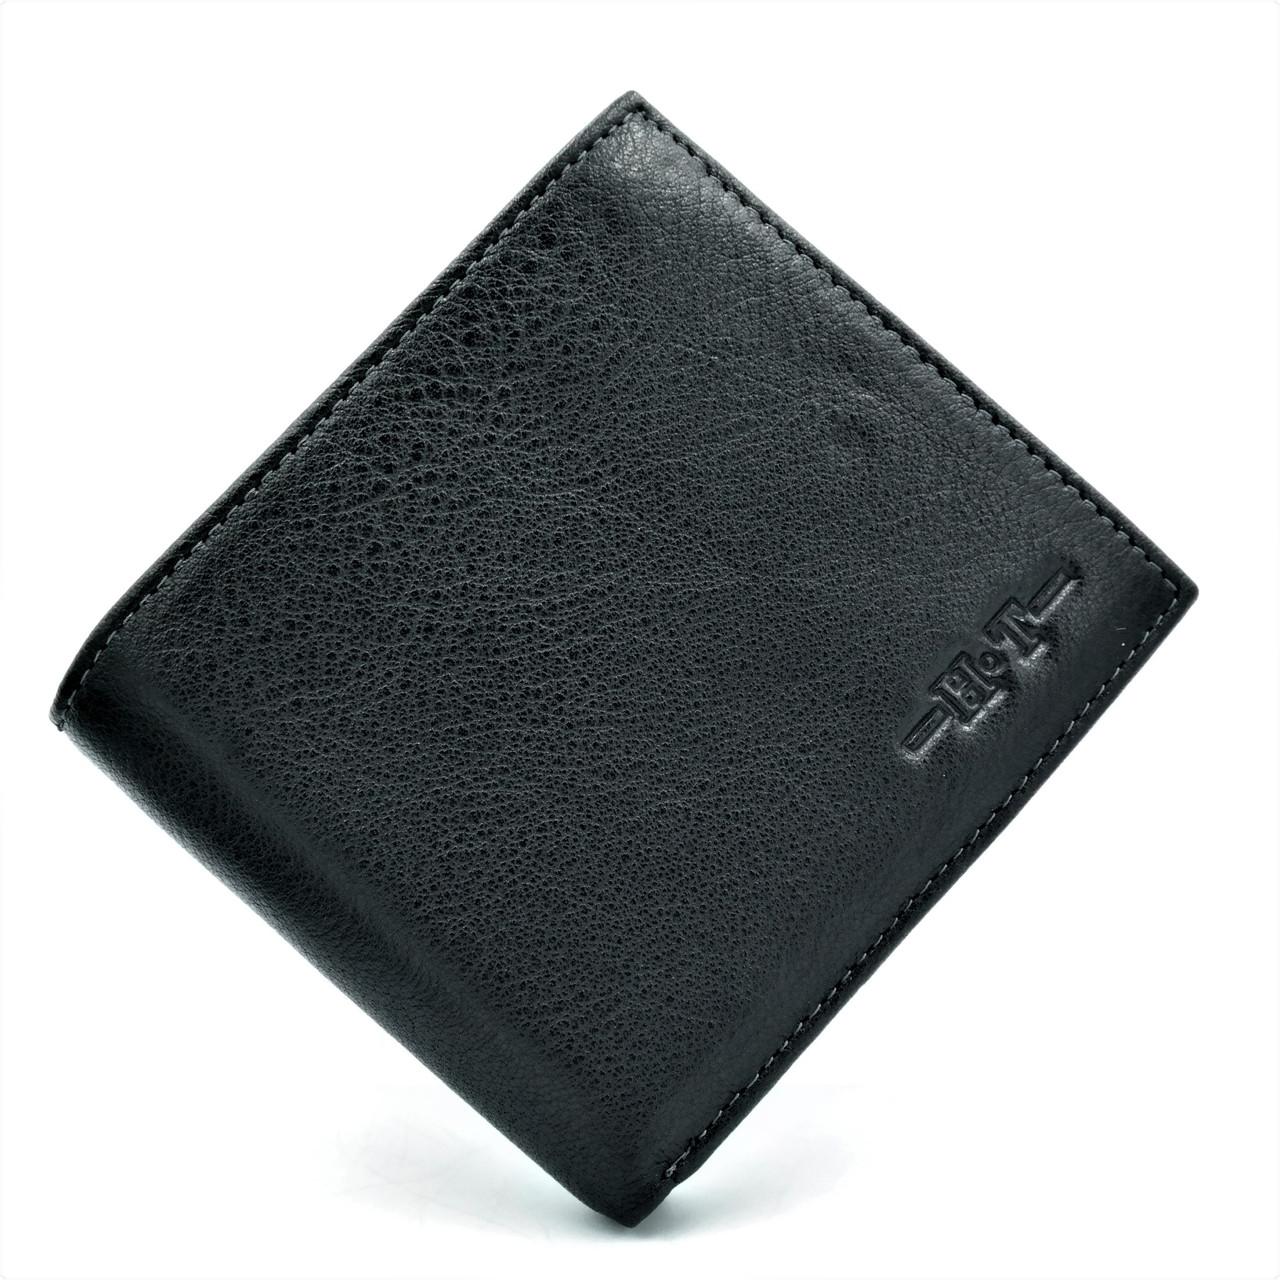 Мужской кожаный кошелёк  Чёрного цвета  Небольшой мужской бумажник Удобный кожаный компактный кошелек